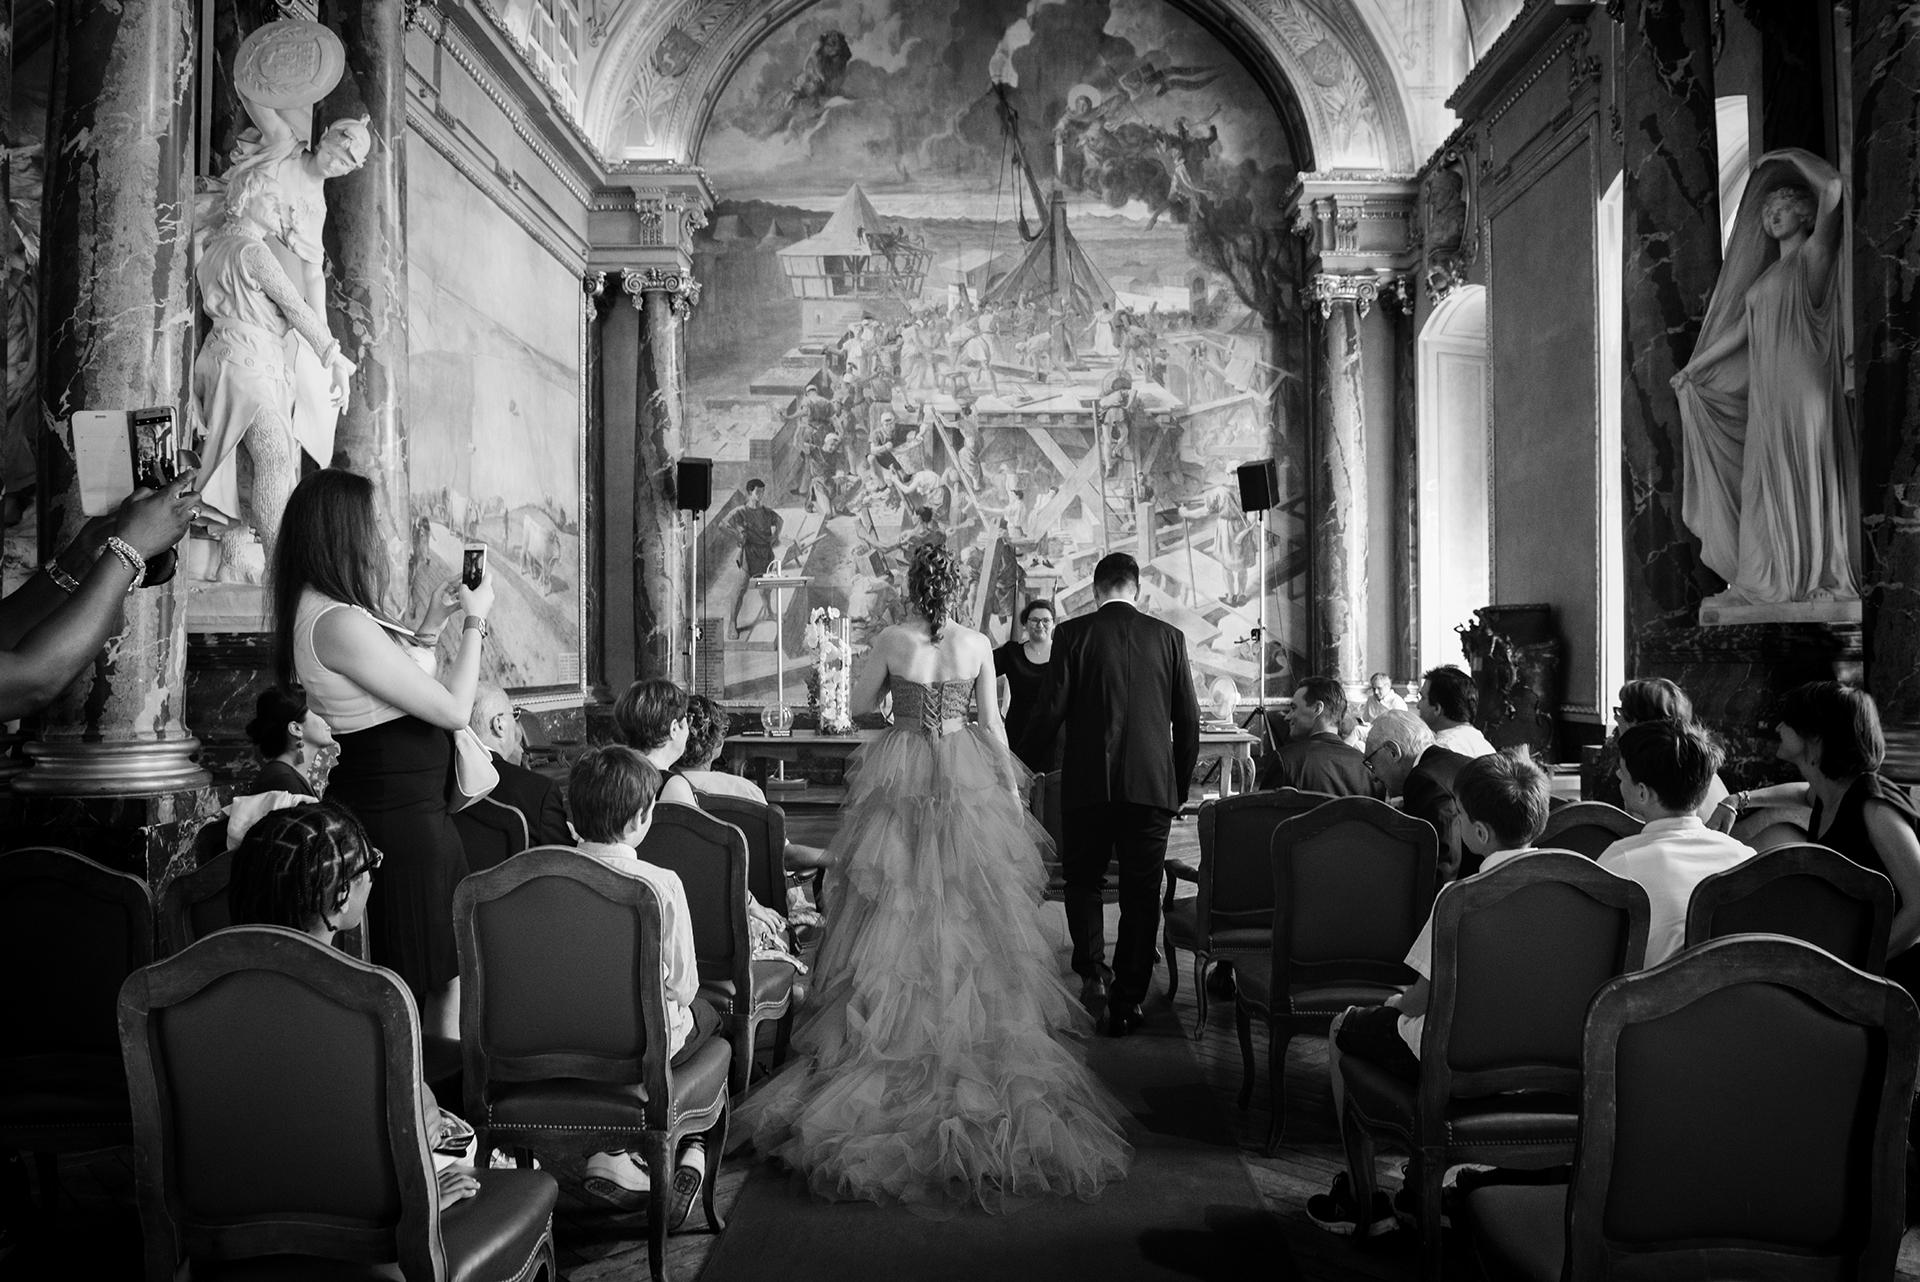 Hôtel de ville de Toulouse, France Elopement Photo | La mariée et le marié marchent ensemble dans l'allée